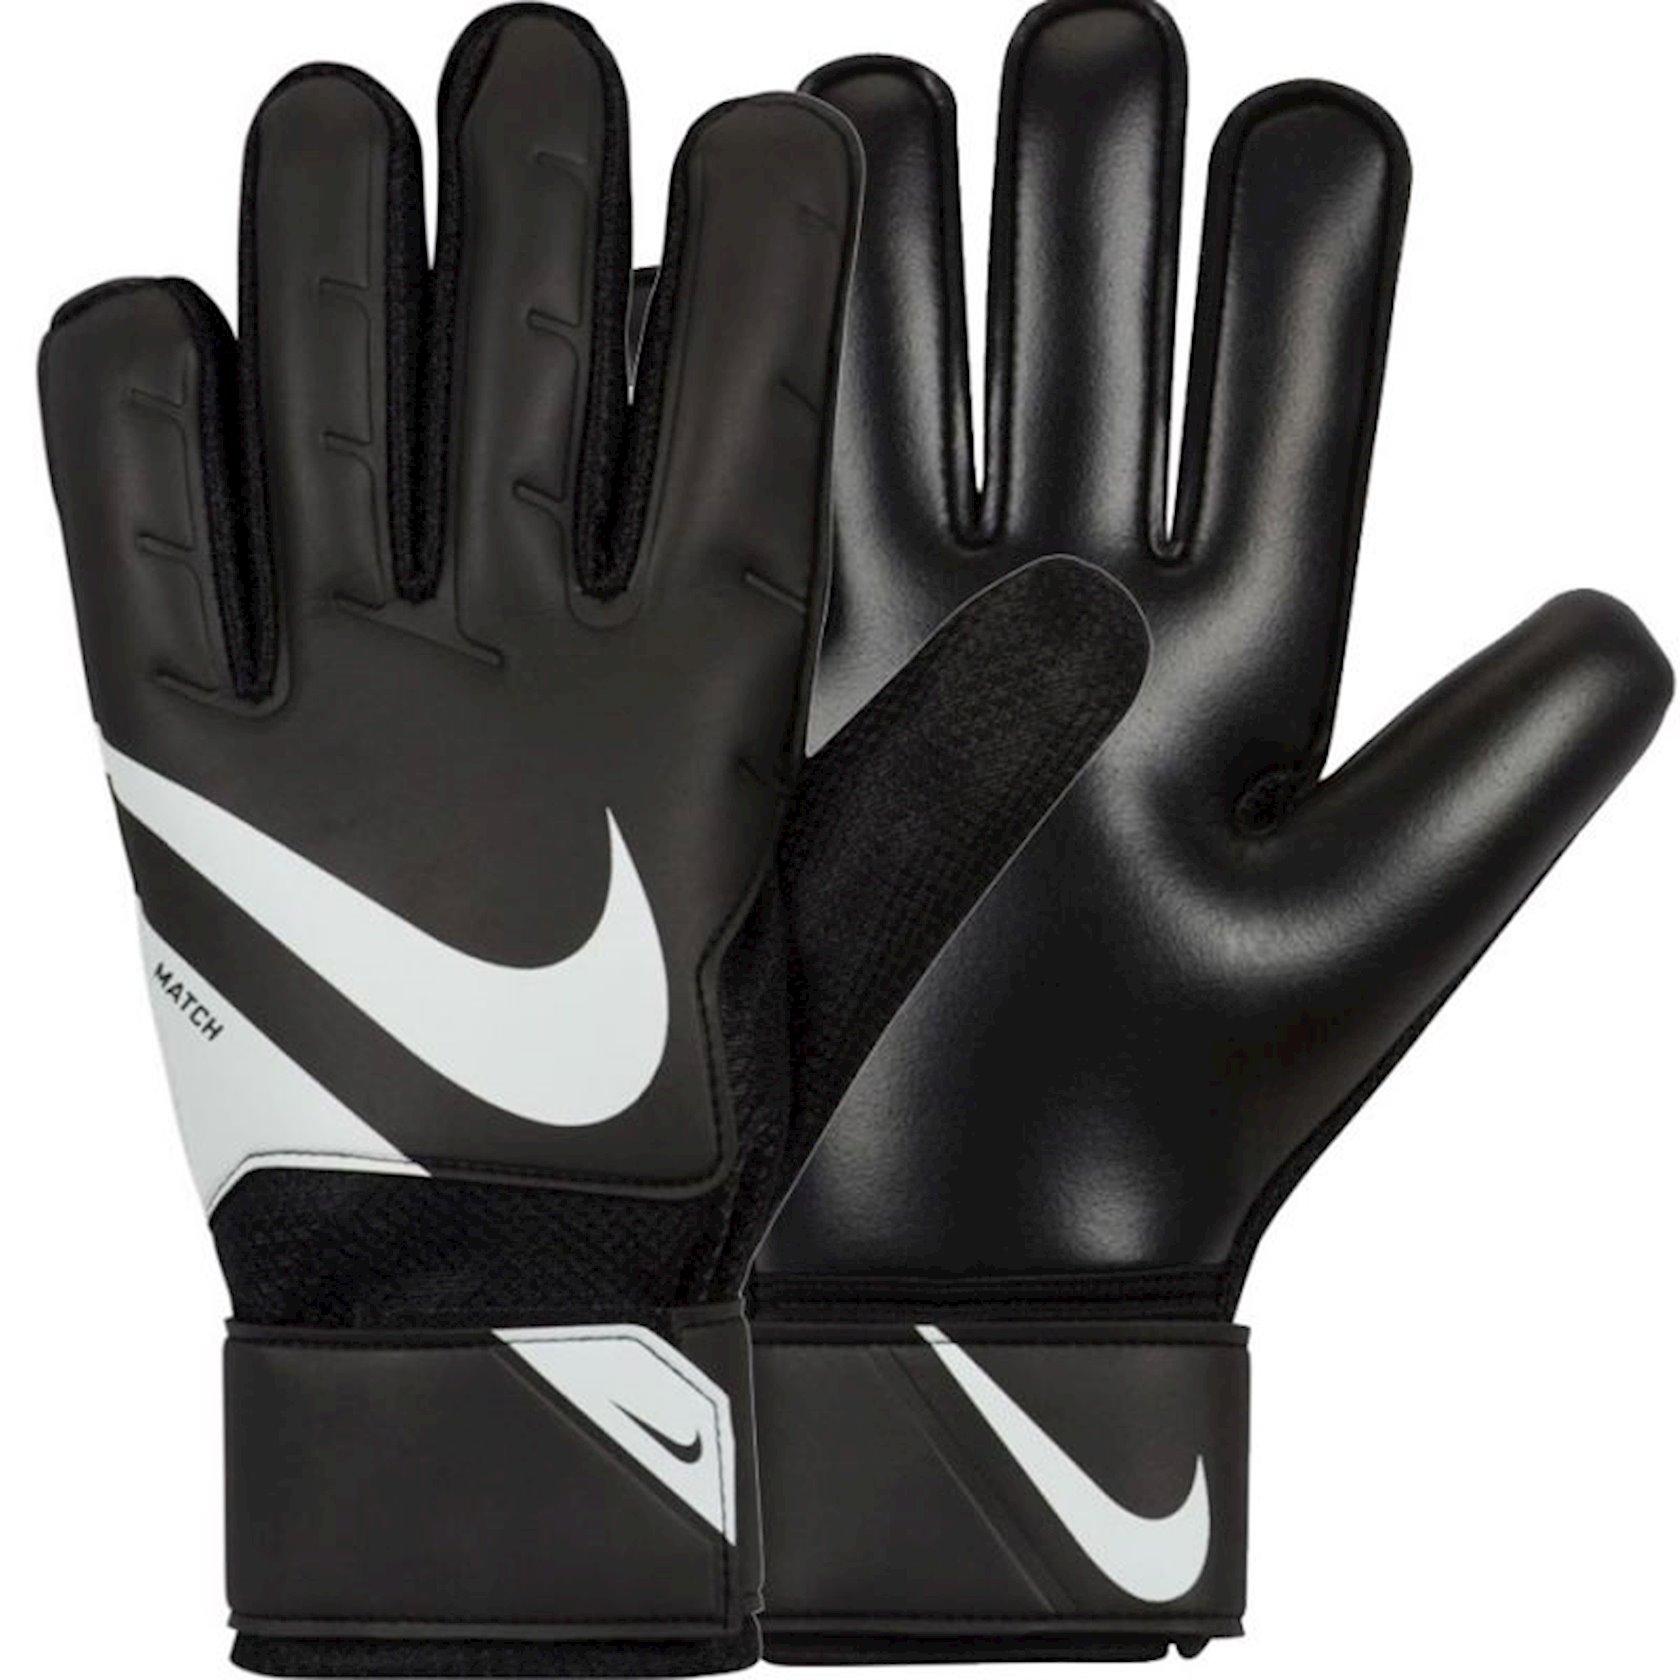 Qapıçı əlcəyi Nike Goalkeeper Match Gloves FA20, Kişilər üçün, Qara/ağ, Ölçü 9